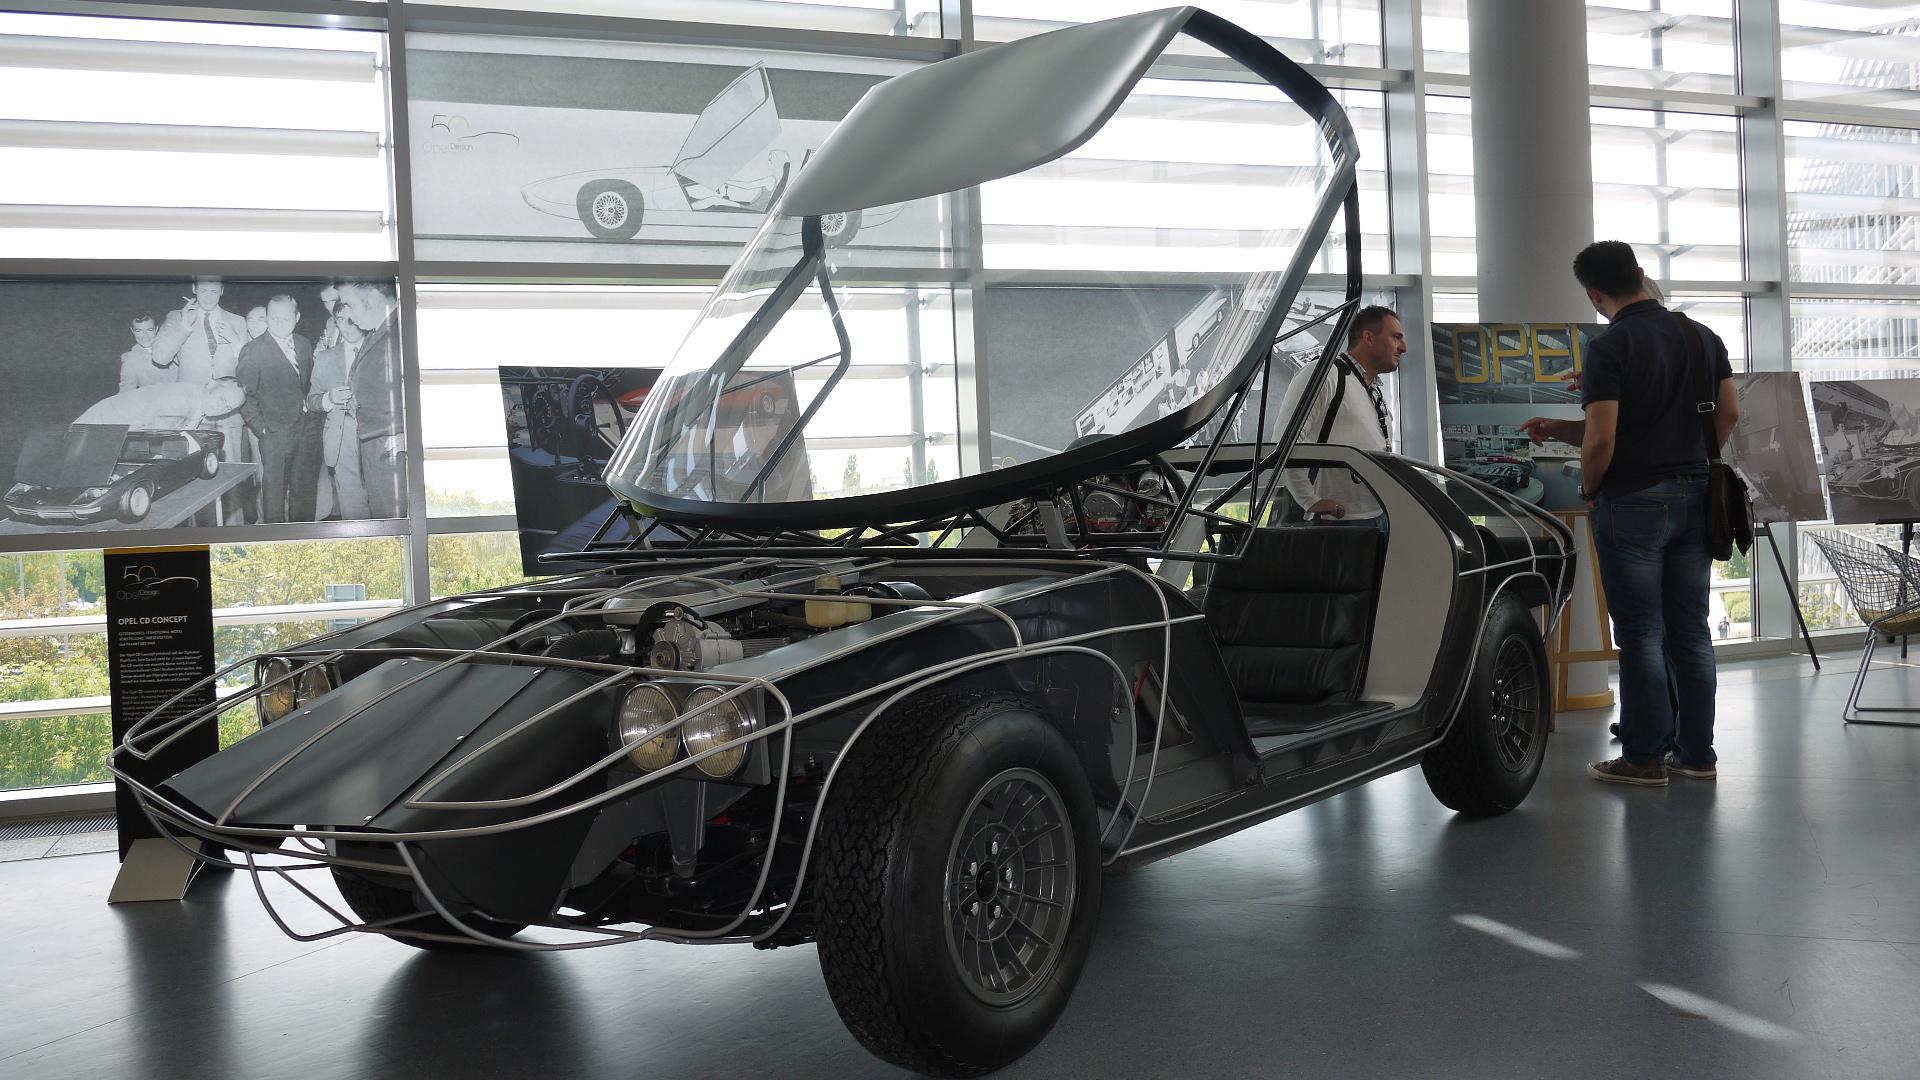 Den andre bilen som stod utstilt på Frankfurt-utstillingen i 1969, og som viste hvordan bilen var oppbygd. Foto: Lord Arnstein Landsem